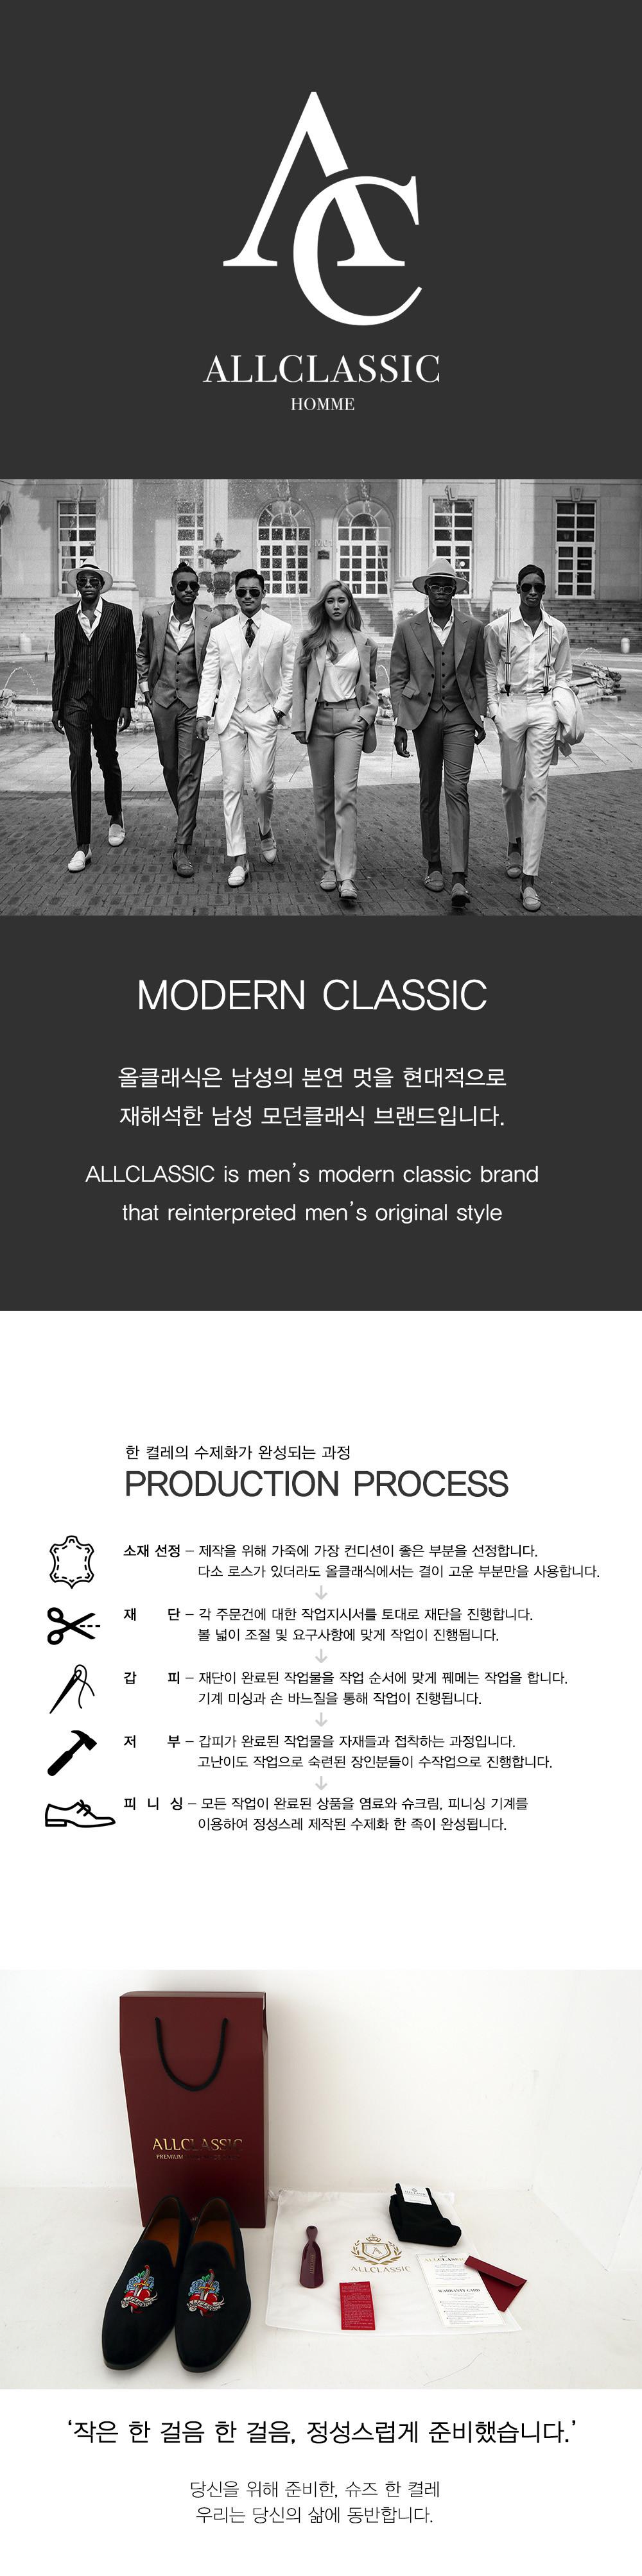 올클래식(ALLCLASSIC) ALC050 스탠다드 스니커즈 BLACK_su